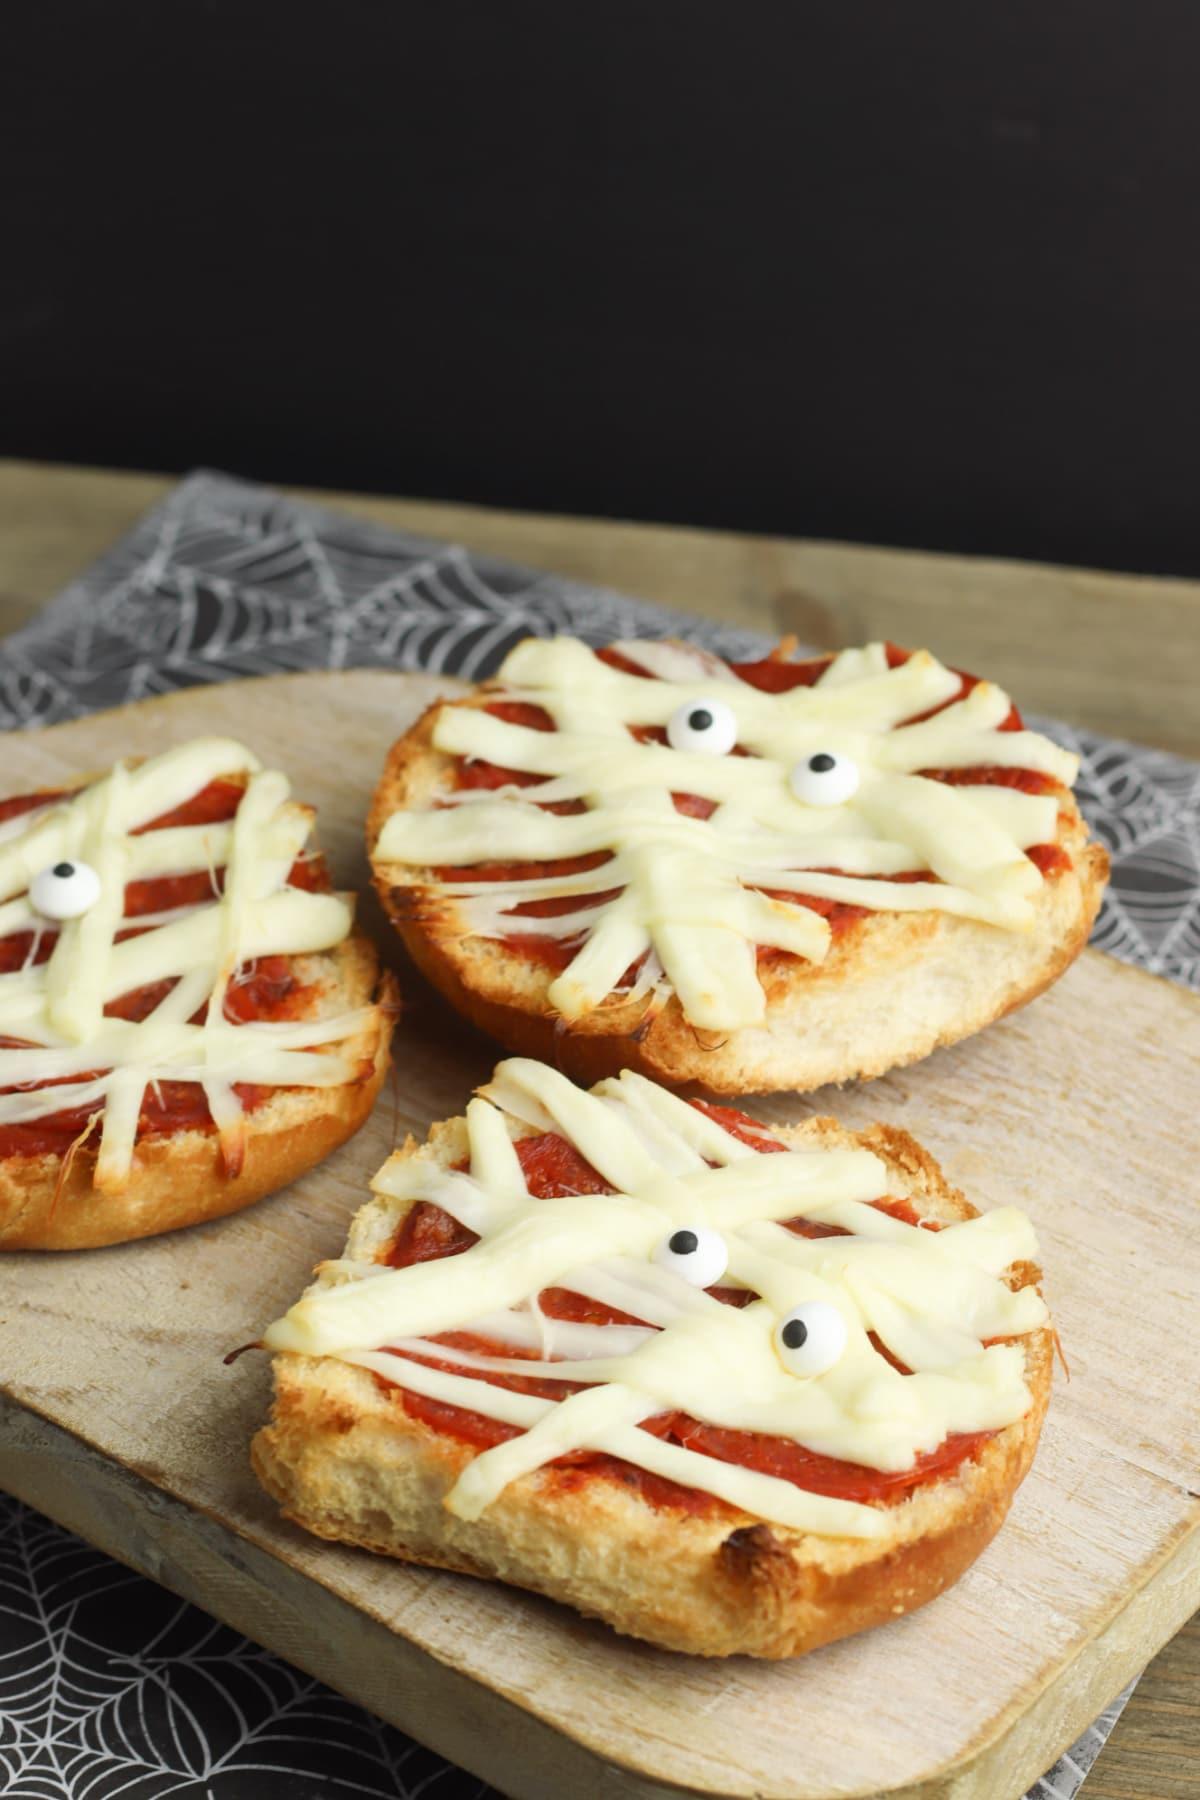 Three mummy pizzas on cutting board